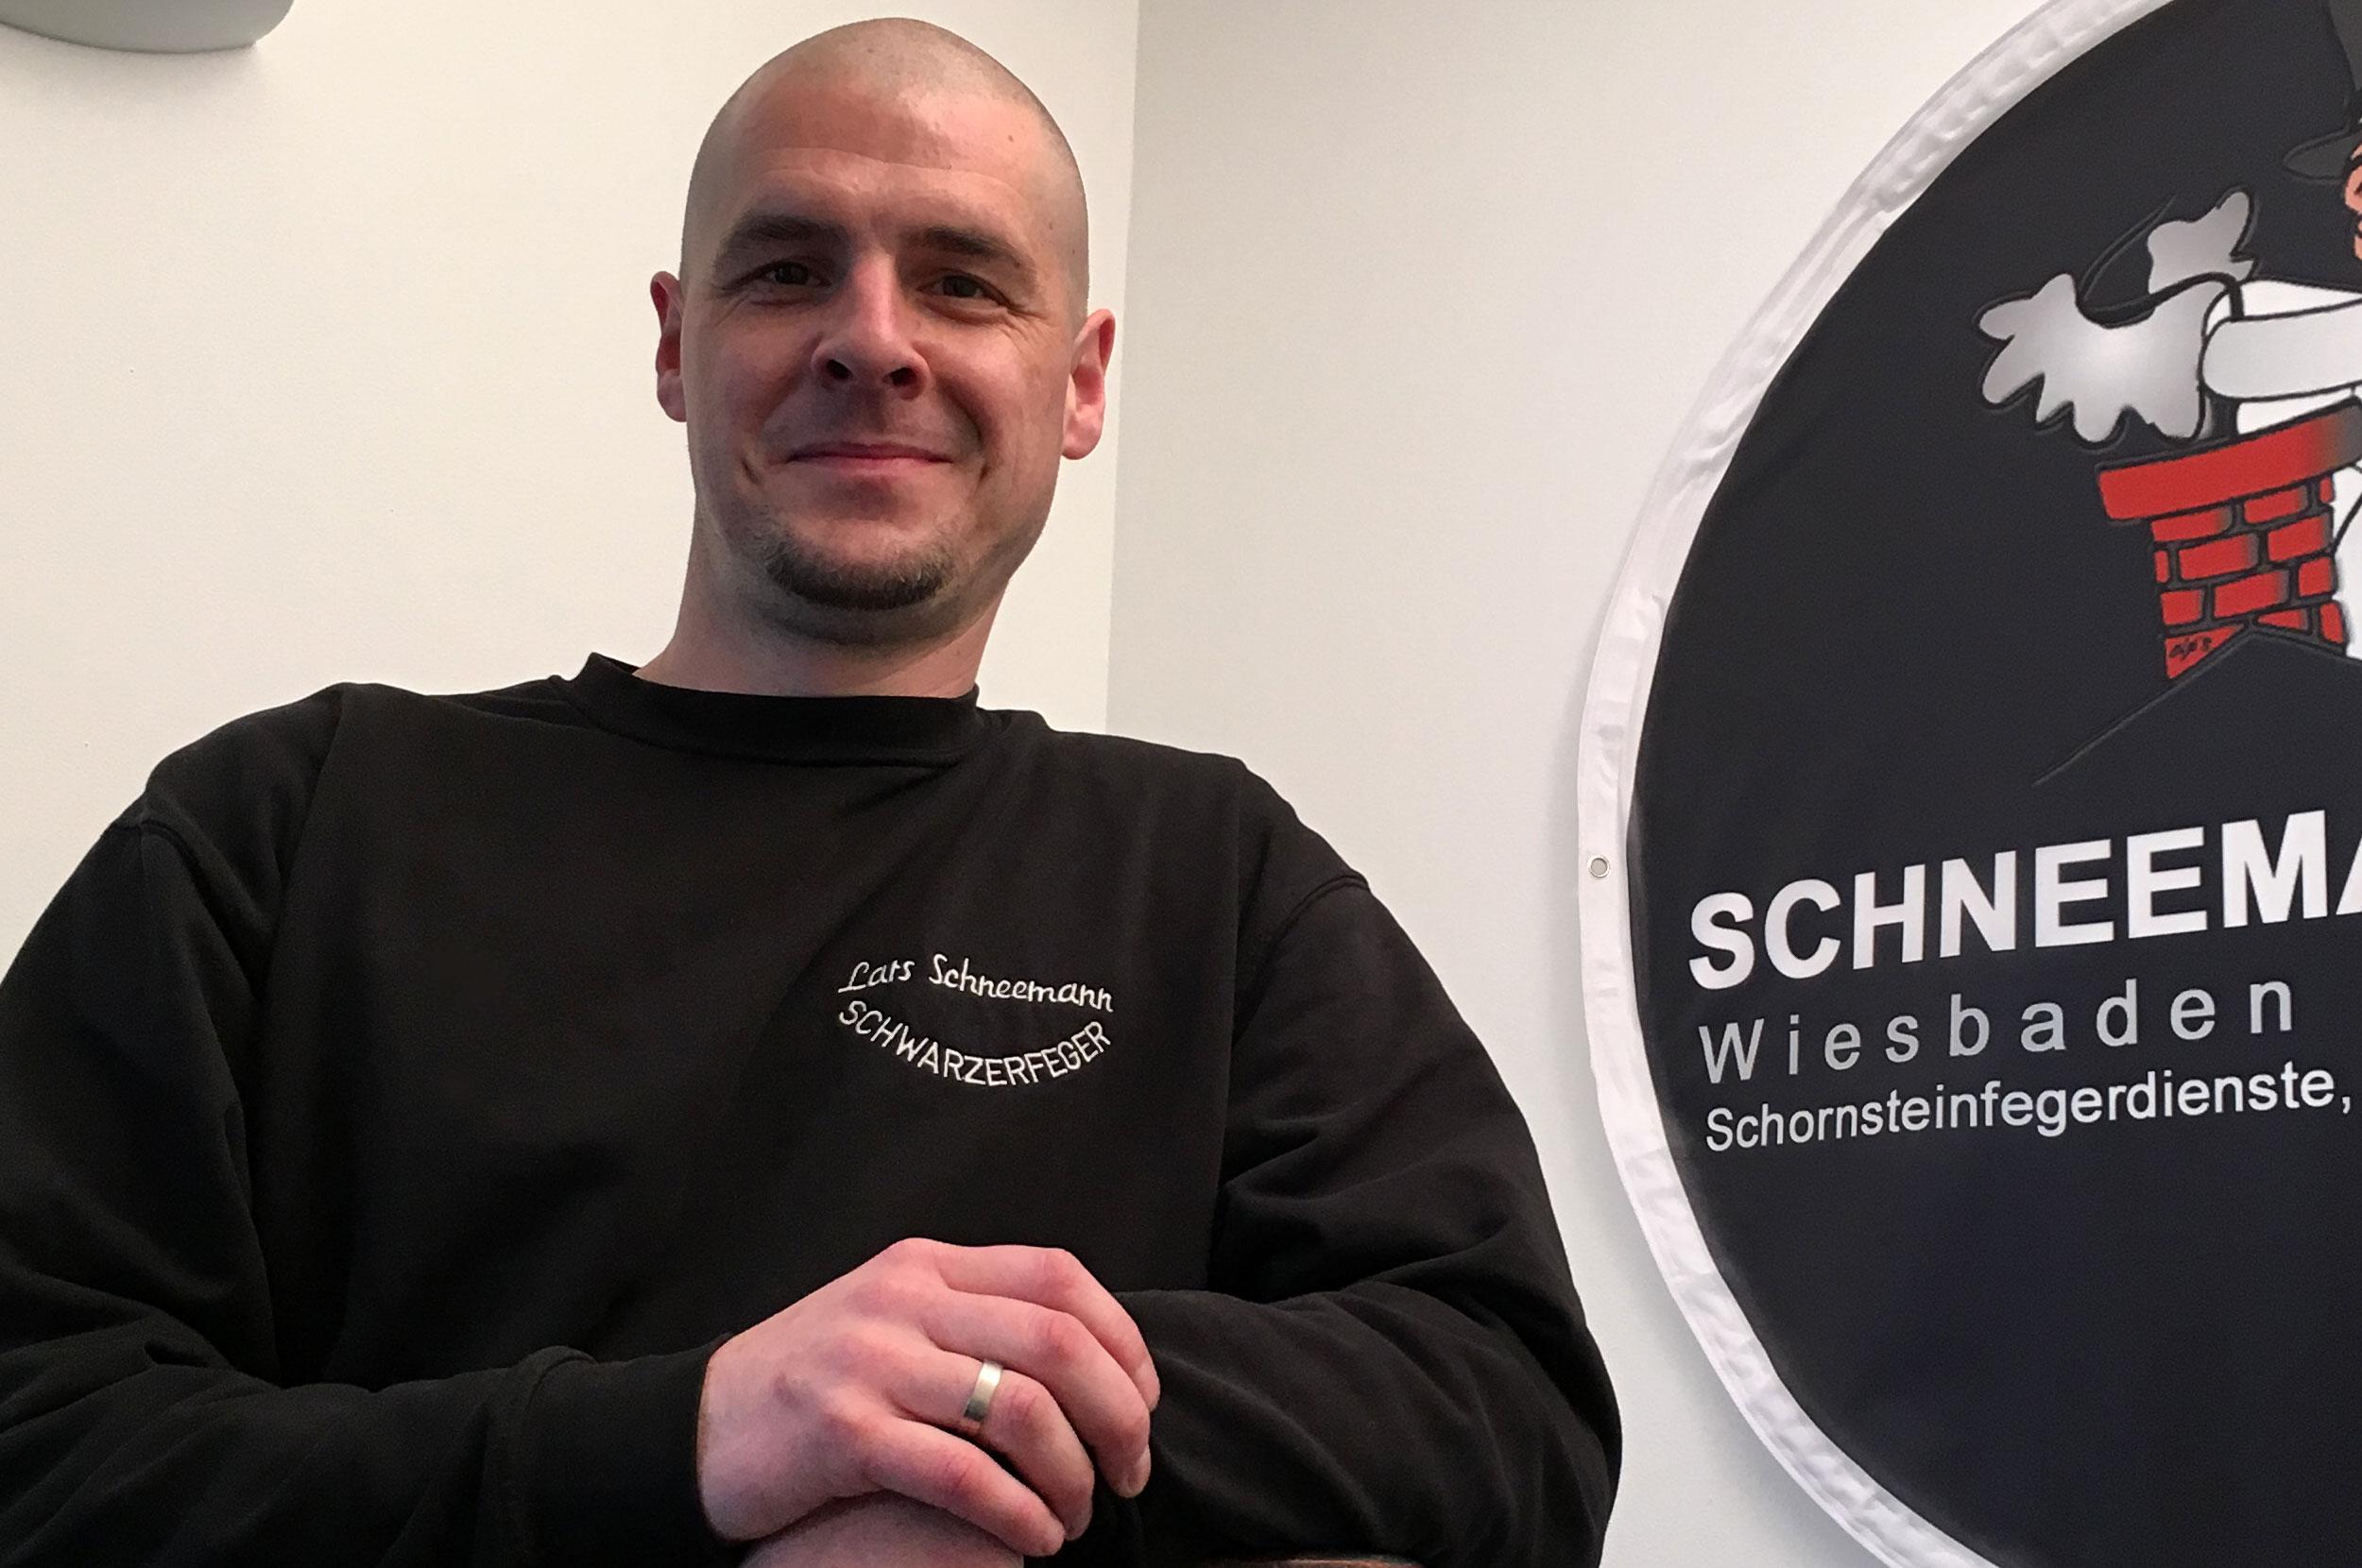 https://www.schneemann.online/wp-content/uploads/2015/12/lars-schneemann-sfm.jpg